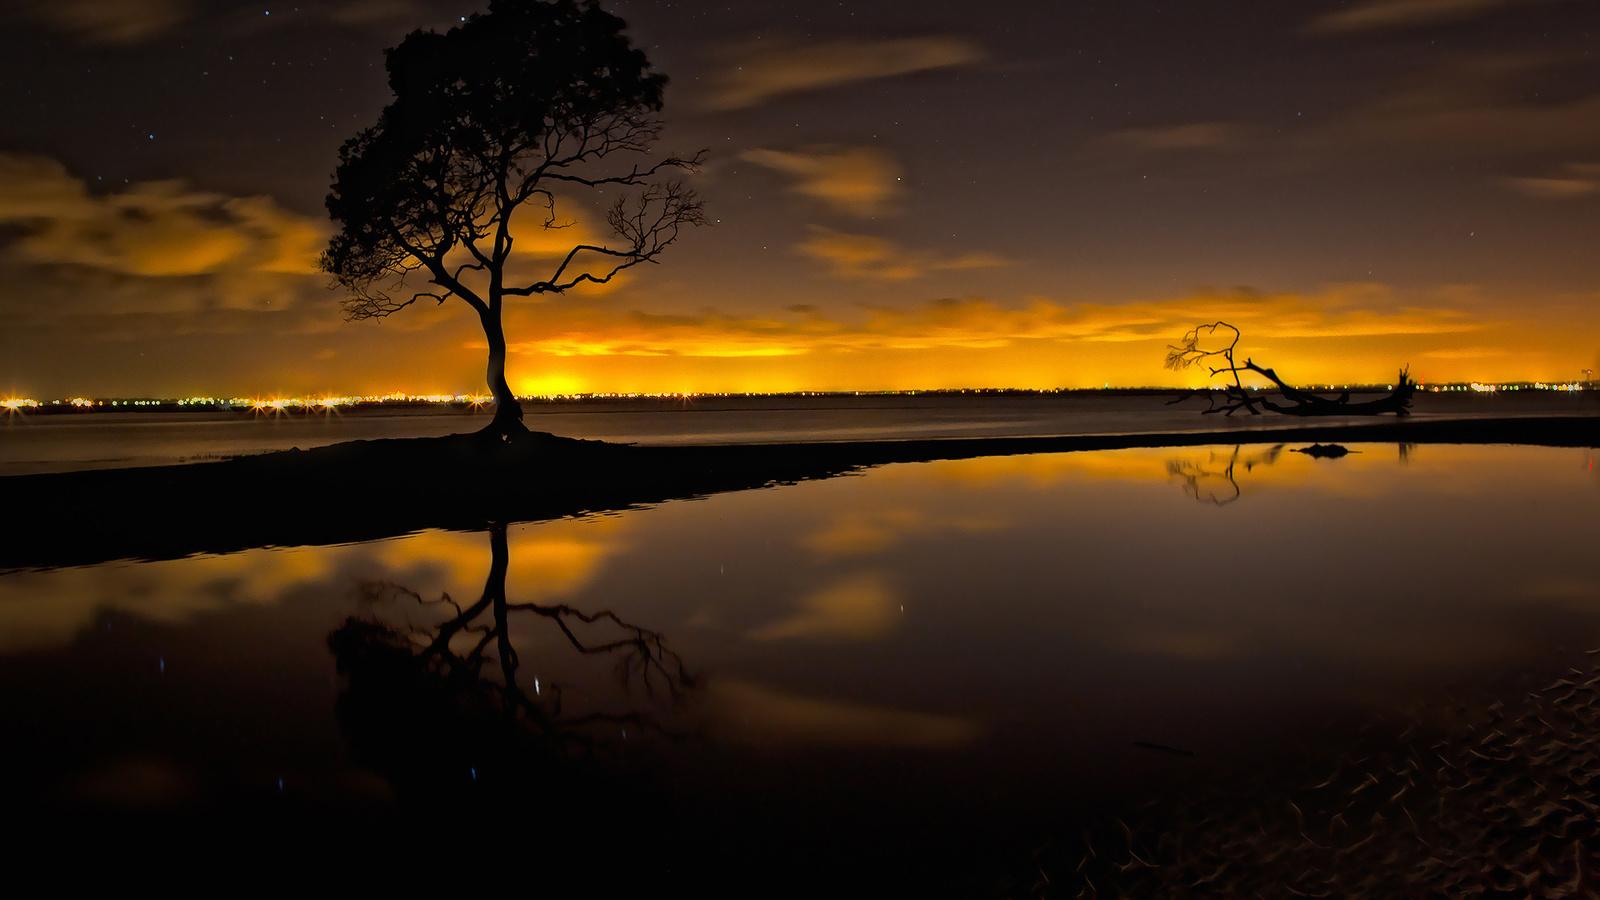 закат, дерево, небо, звезды, креатив, отблеск, вода, обои, красиво, облака, природа